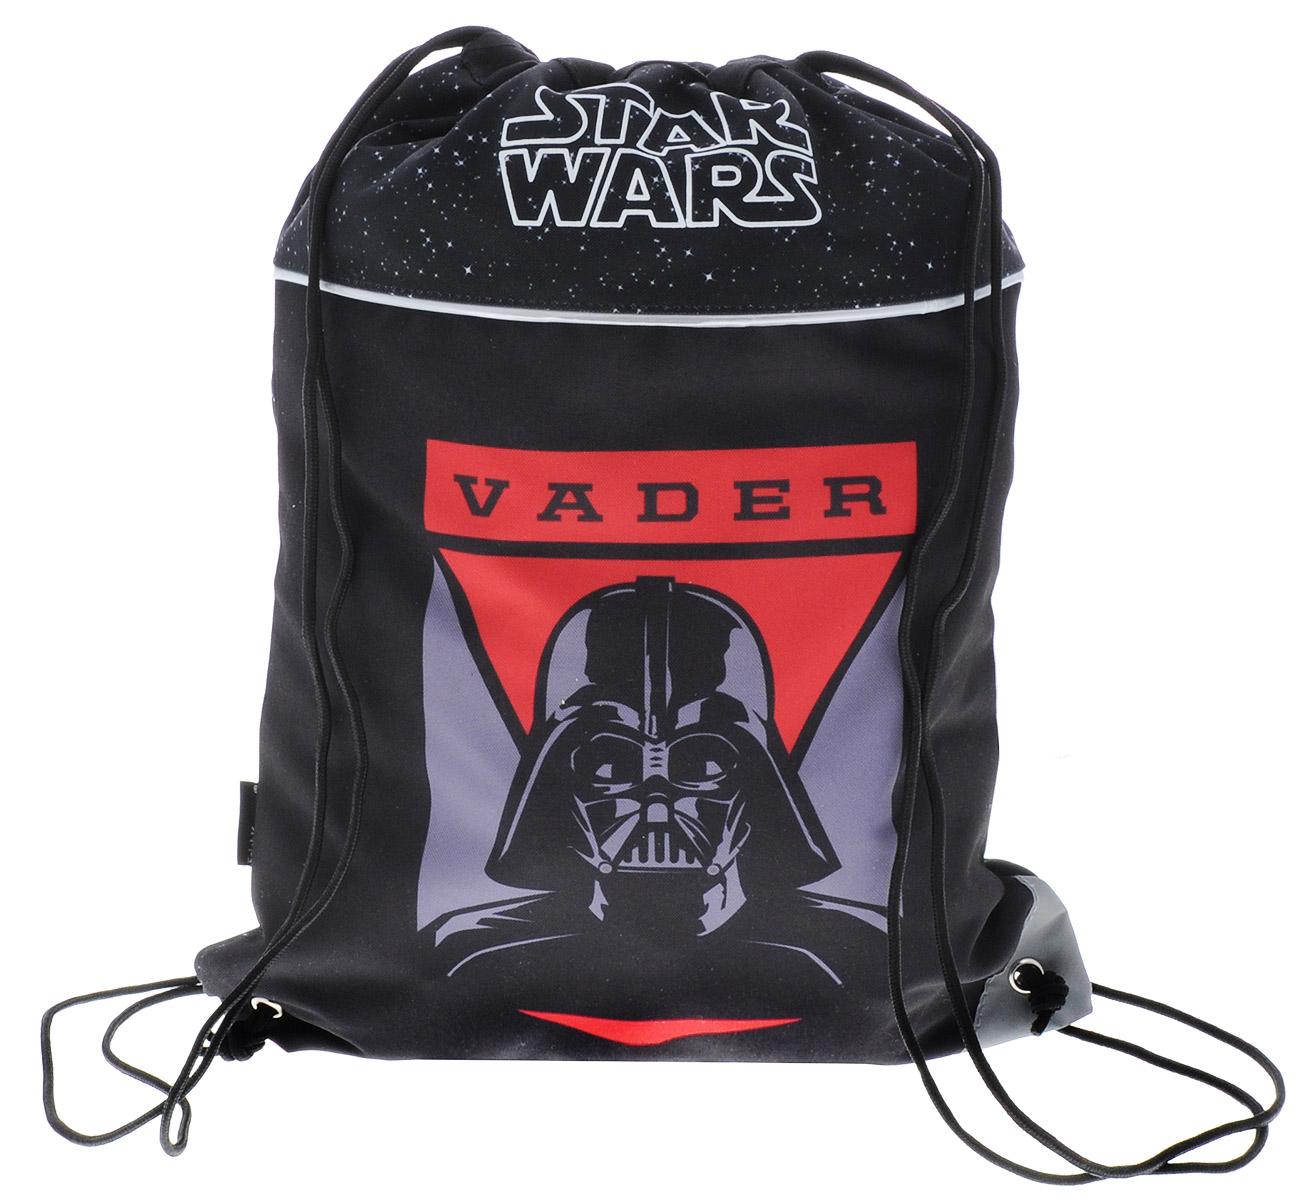 Erich Krause Сумка для сменной обуви Star Wars Vader37478Сумка для сменной обуви Erich Krause Star Wars Vader идеально подойдет как для хранения, так и для переноски сменной обуви и одежды. Сумка выполнена из прочного полиэстера и содержит одно вместительное отделение, затягивающееся с помощью текстильных шнурков. Шнурки фиксируются в нижней части сумки, благодаря чему ее можно носить за спиной как рюкзак. Сумка дополнена светоотражающими элементами.